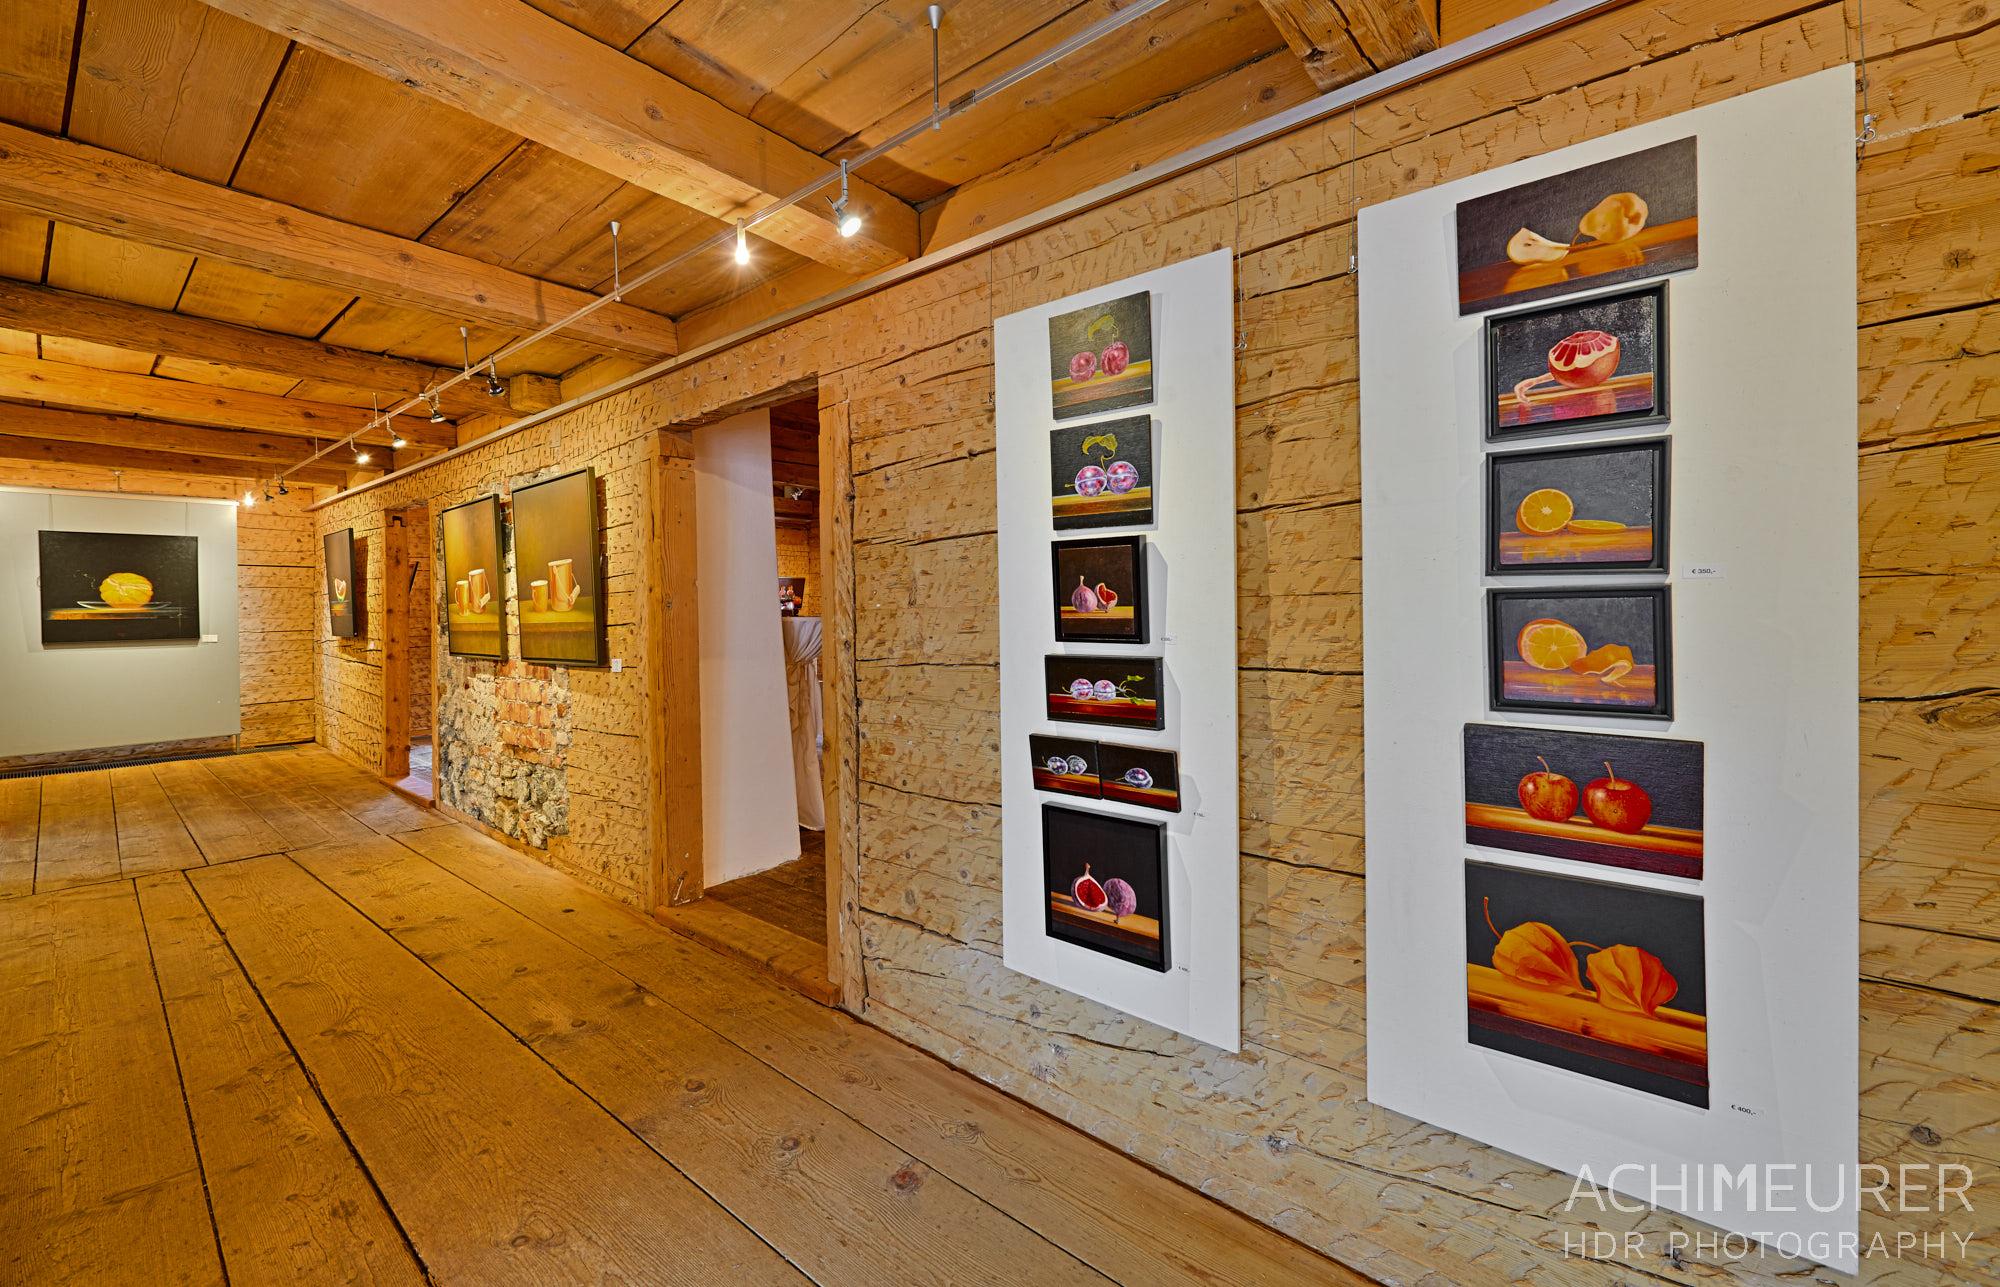 Tannheimertal-Sommer-Kunst-Galerie_8335_36_37_38_39_40_41